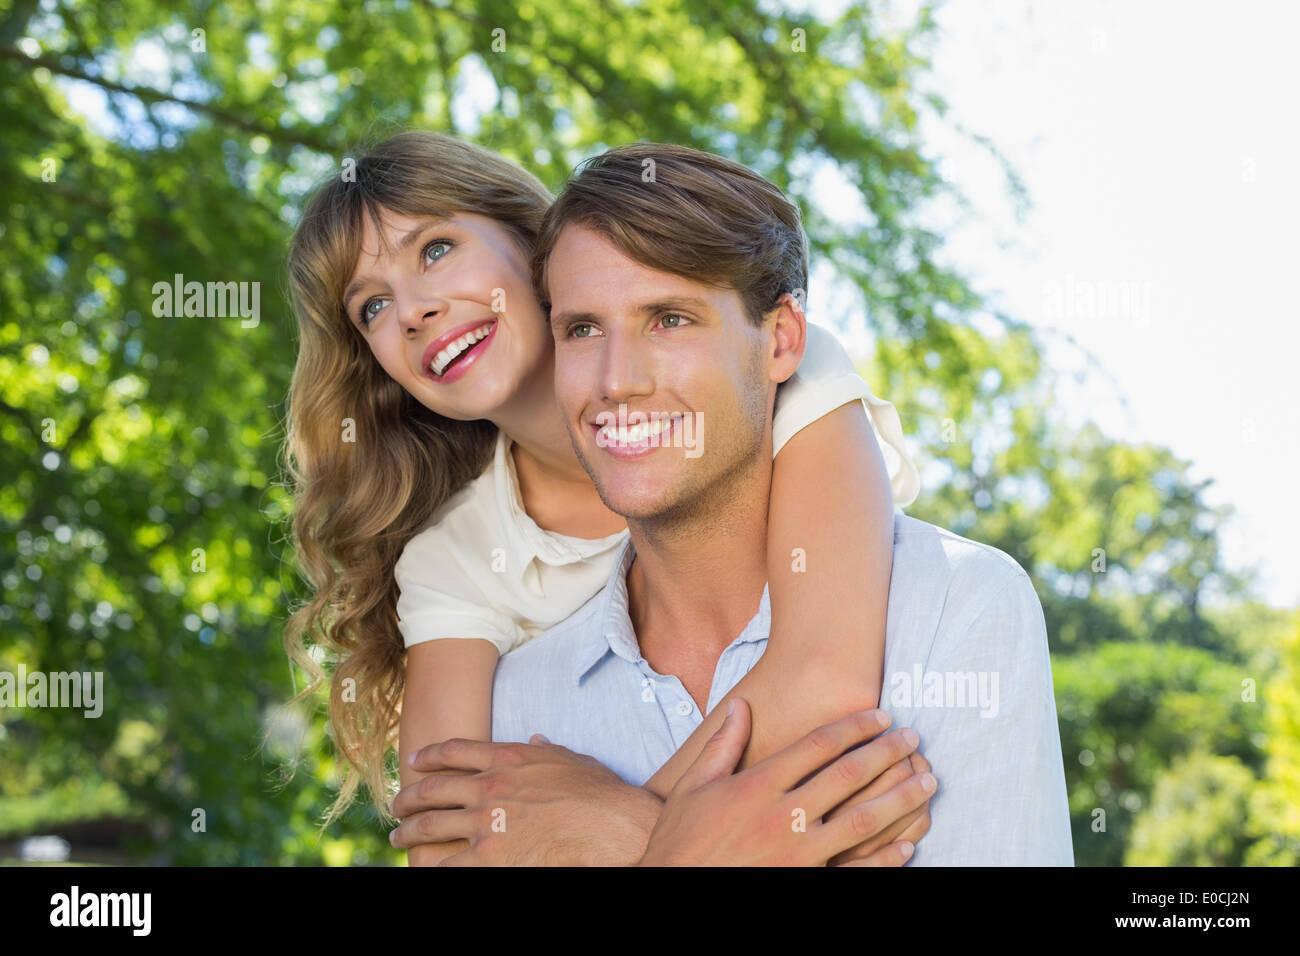 Homme donnant à sa jolie petite amie une piggy back in the park smiling Photo Stock